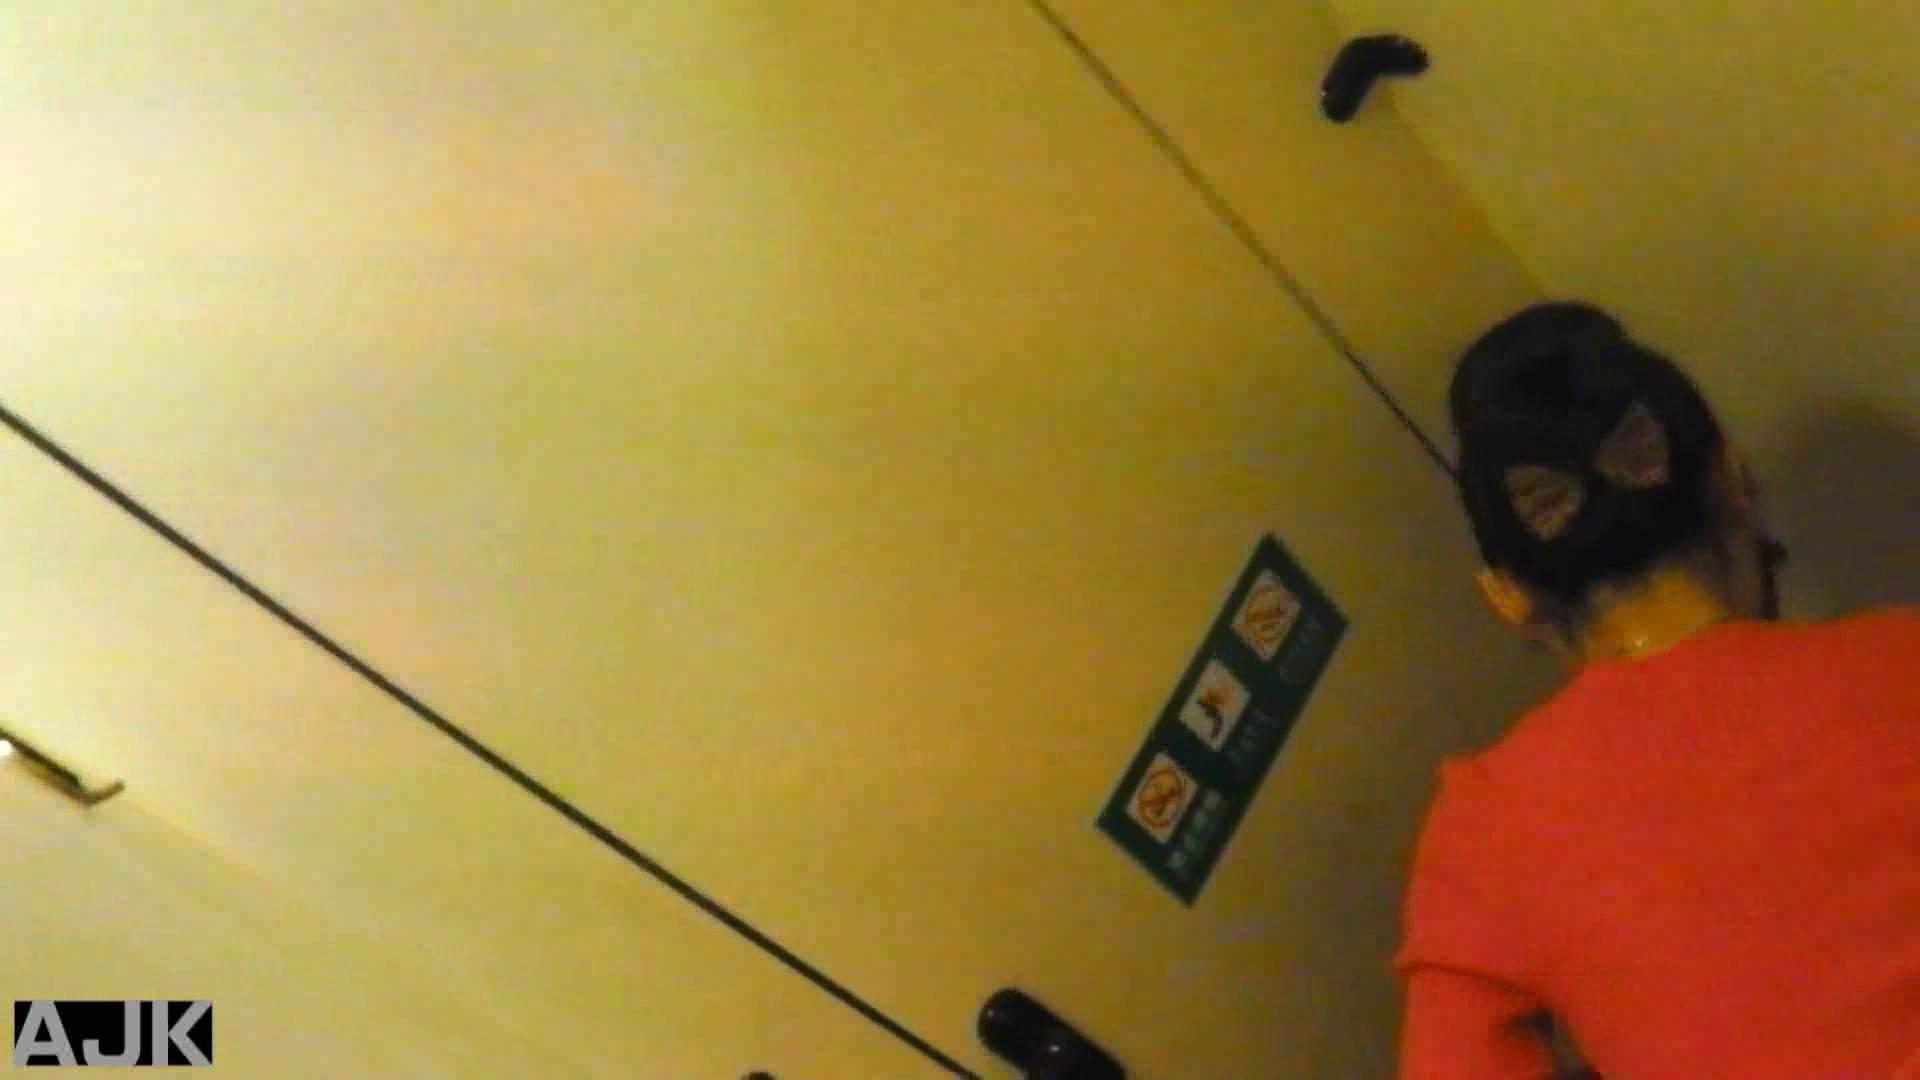 神降臨!史上最強の潜入かわや! vol.03 美女丸裸 オマンコ無修正動画無料 95pic 39